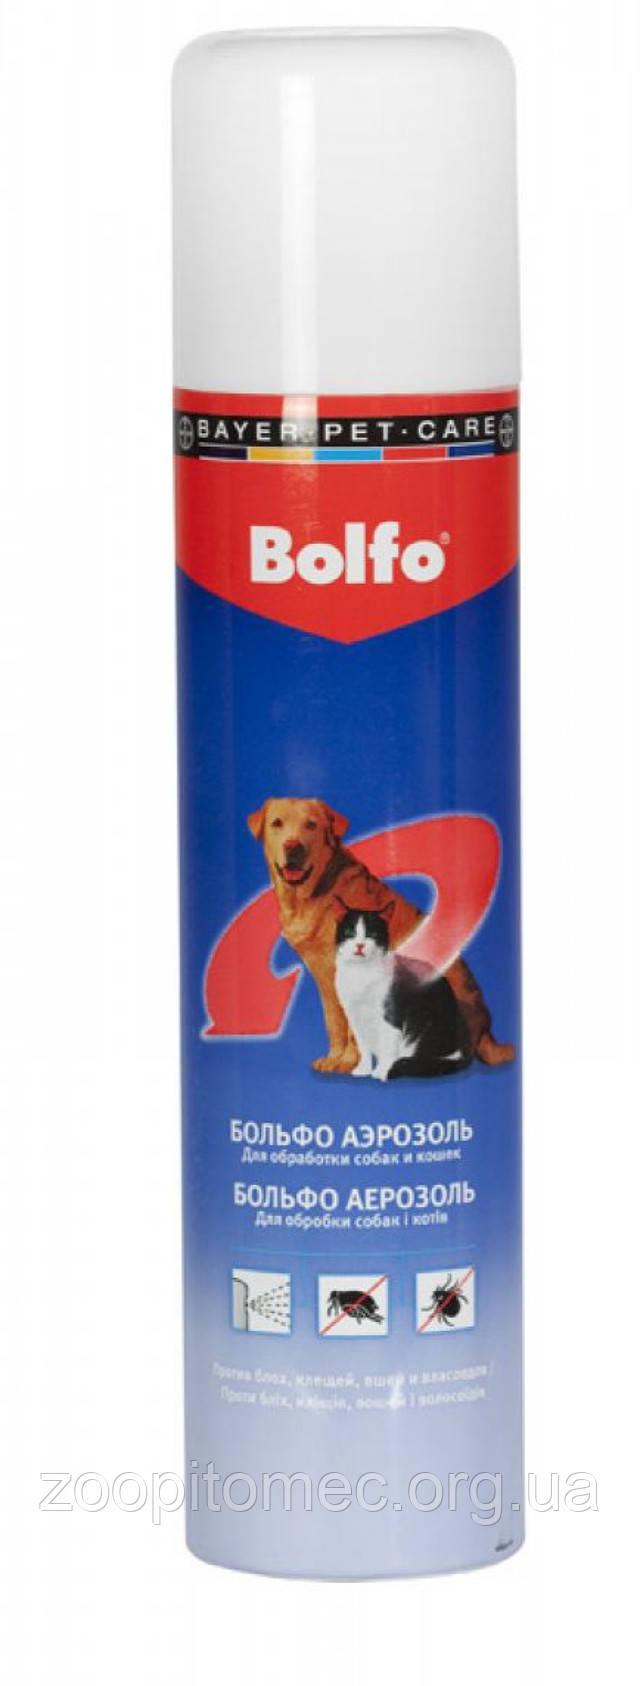 Аерозоль Больфо Bayer для собак